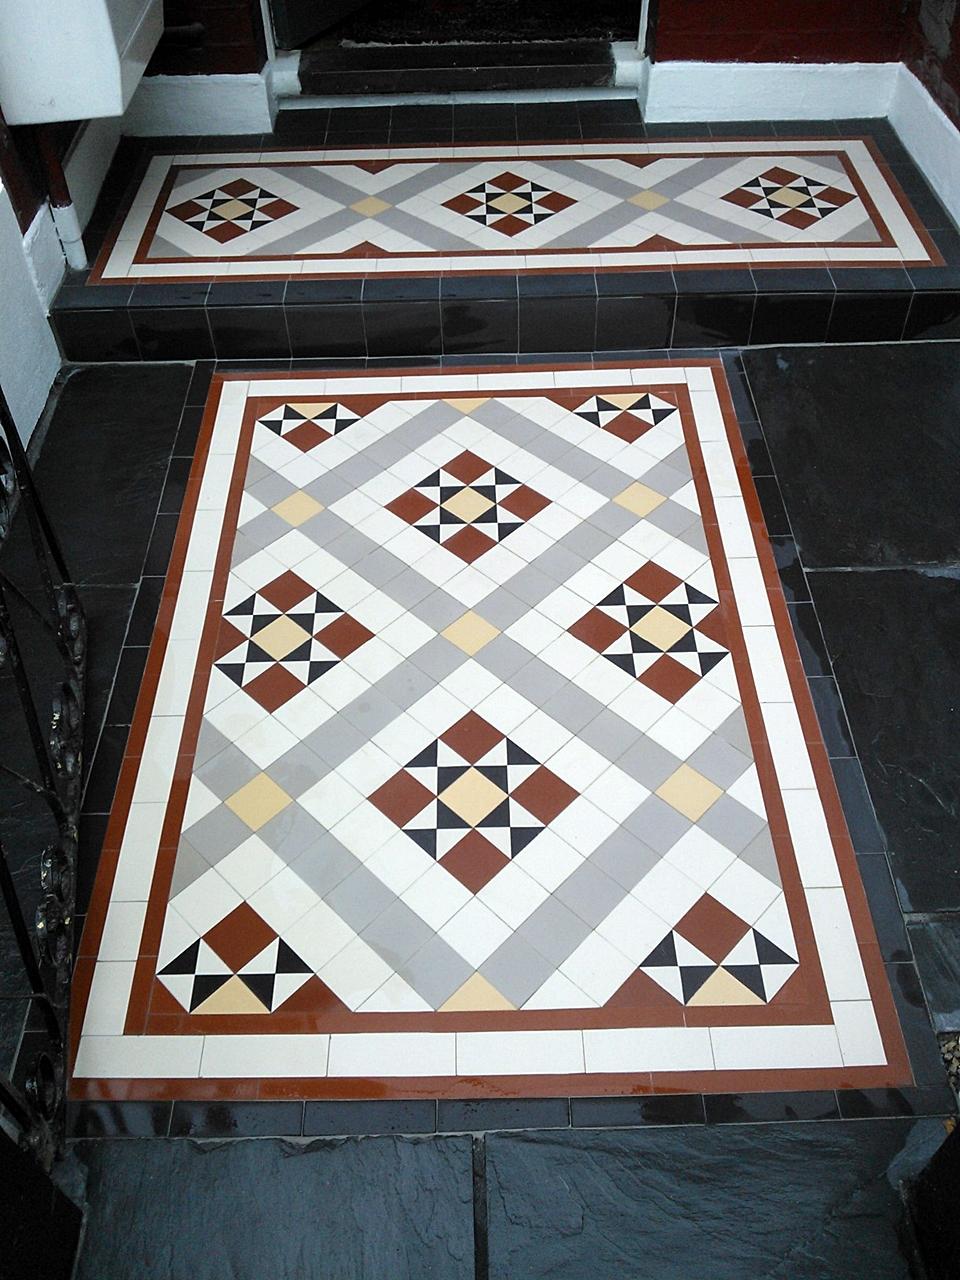 willesden victorian mosaic tile path installation london (4)